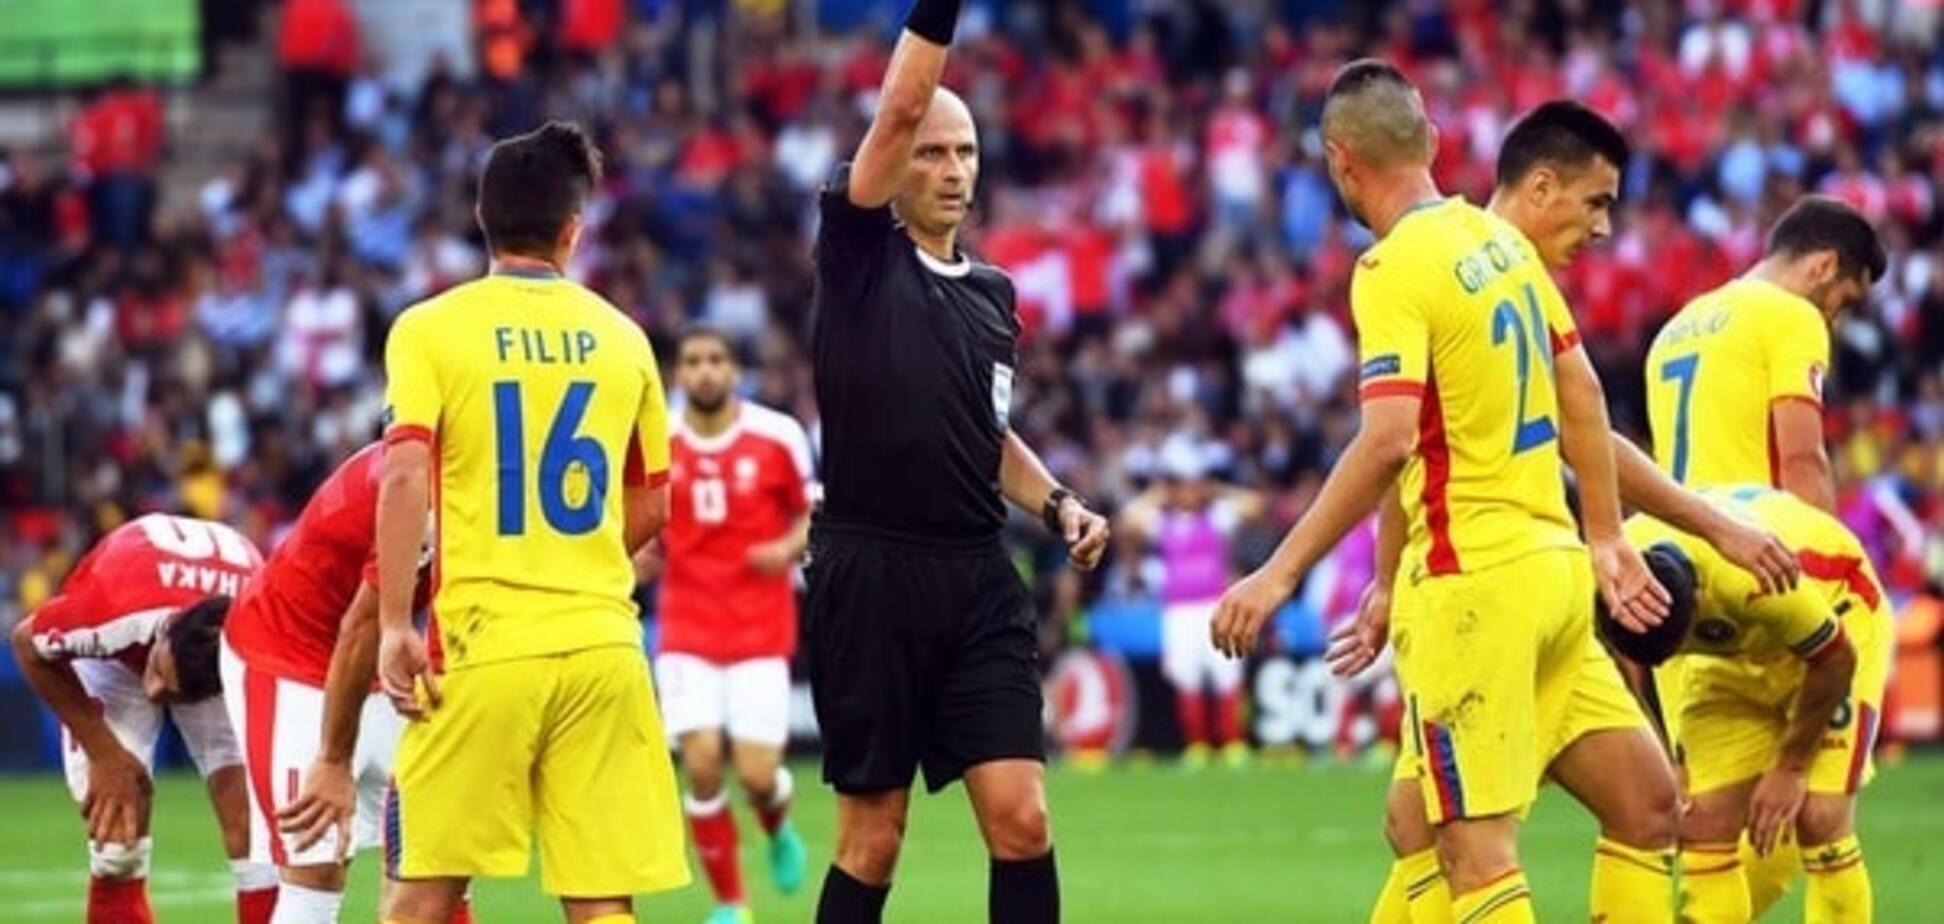 Евро-2016. Швейцария 'благодаря' российскому судье сыграла вничью с Румынией